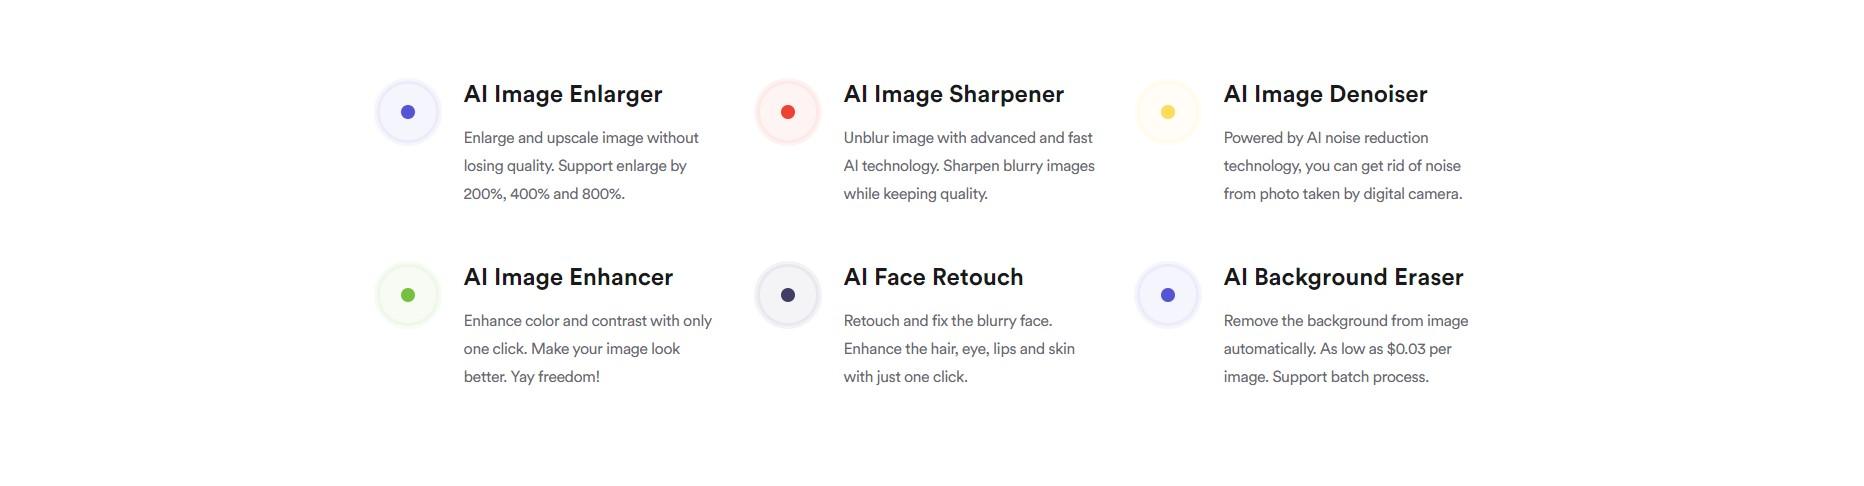 AI Image Enlarger продукты